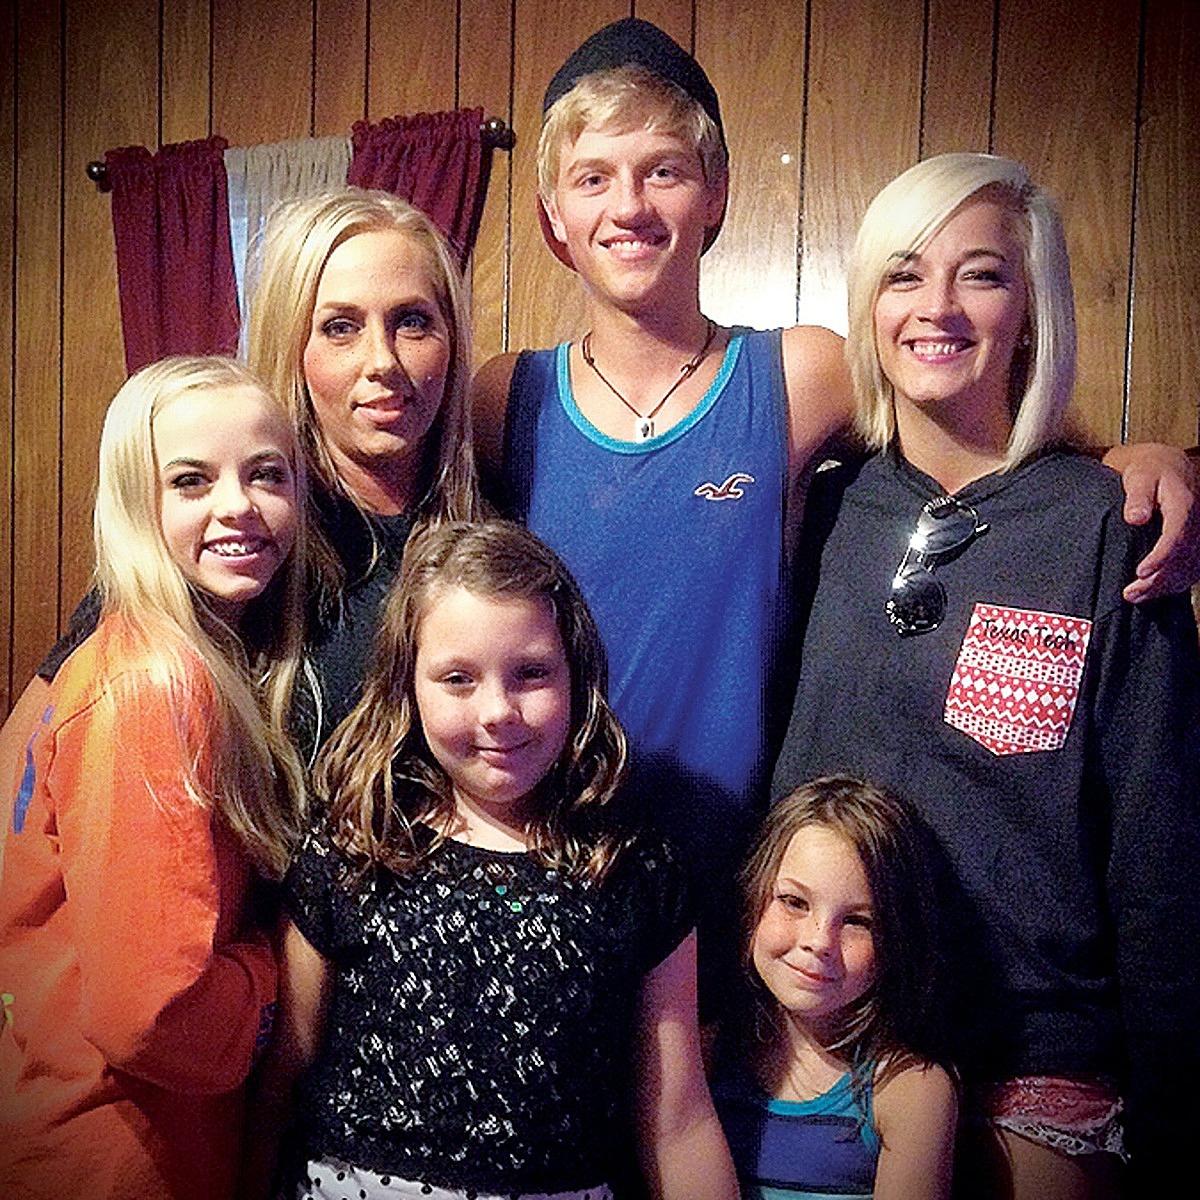 Haile Beasley (ngoài cùng bên phải) cùng mẹ và các em. Ảnh: Texas Monthly